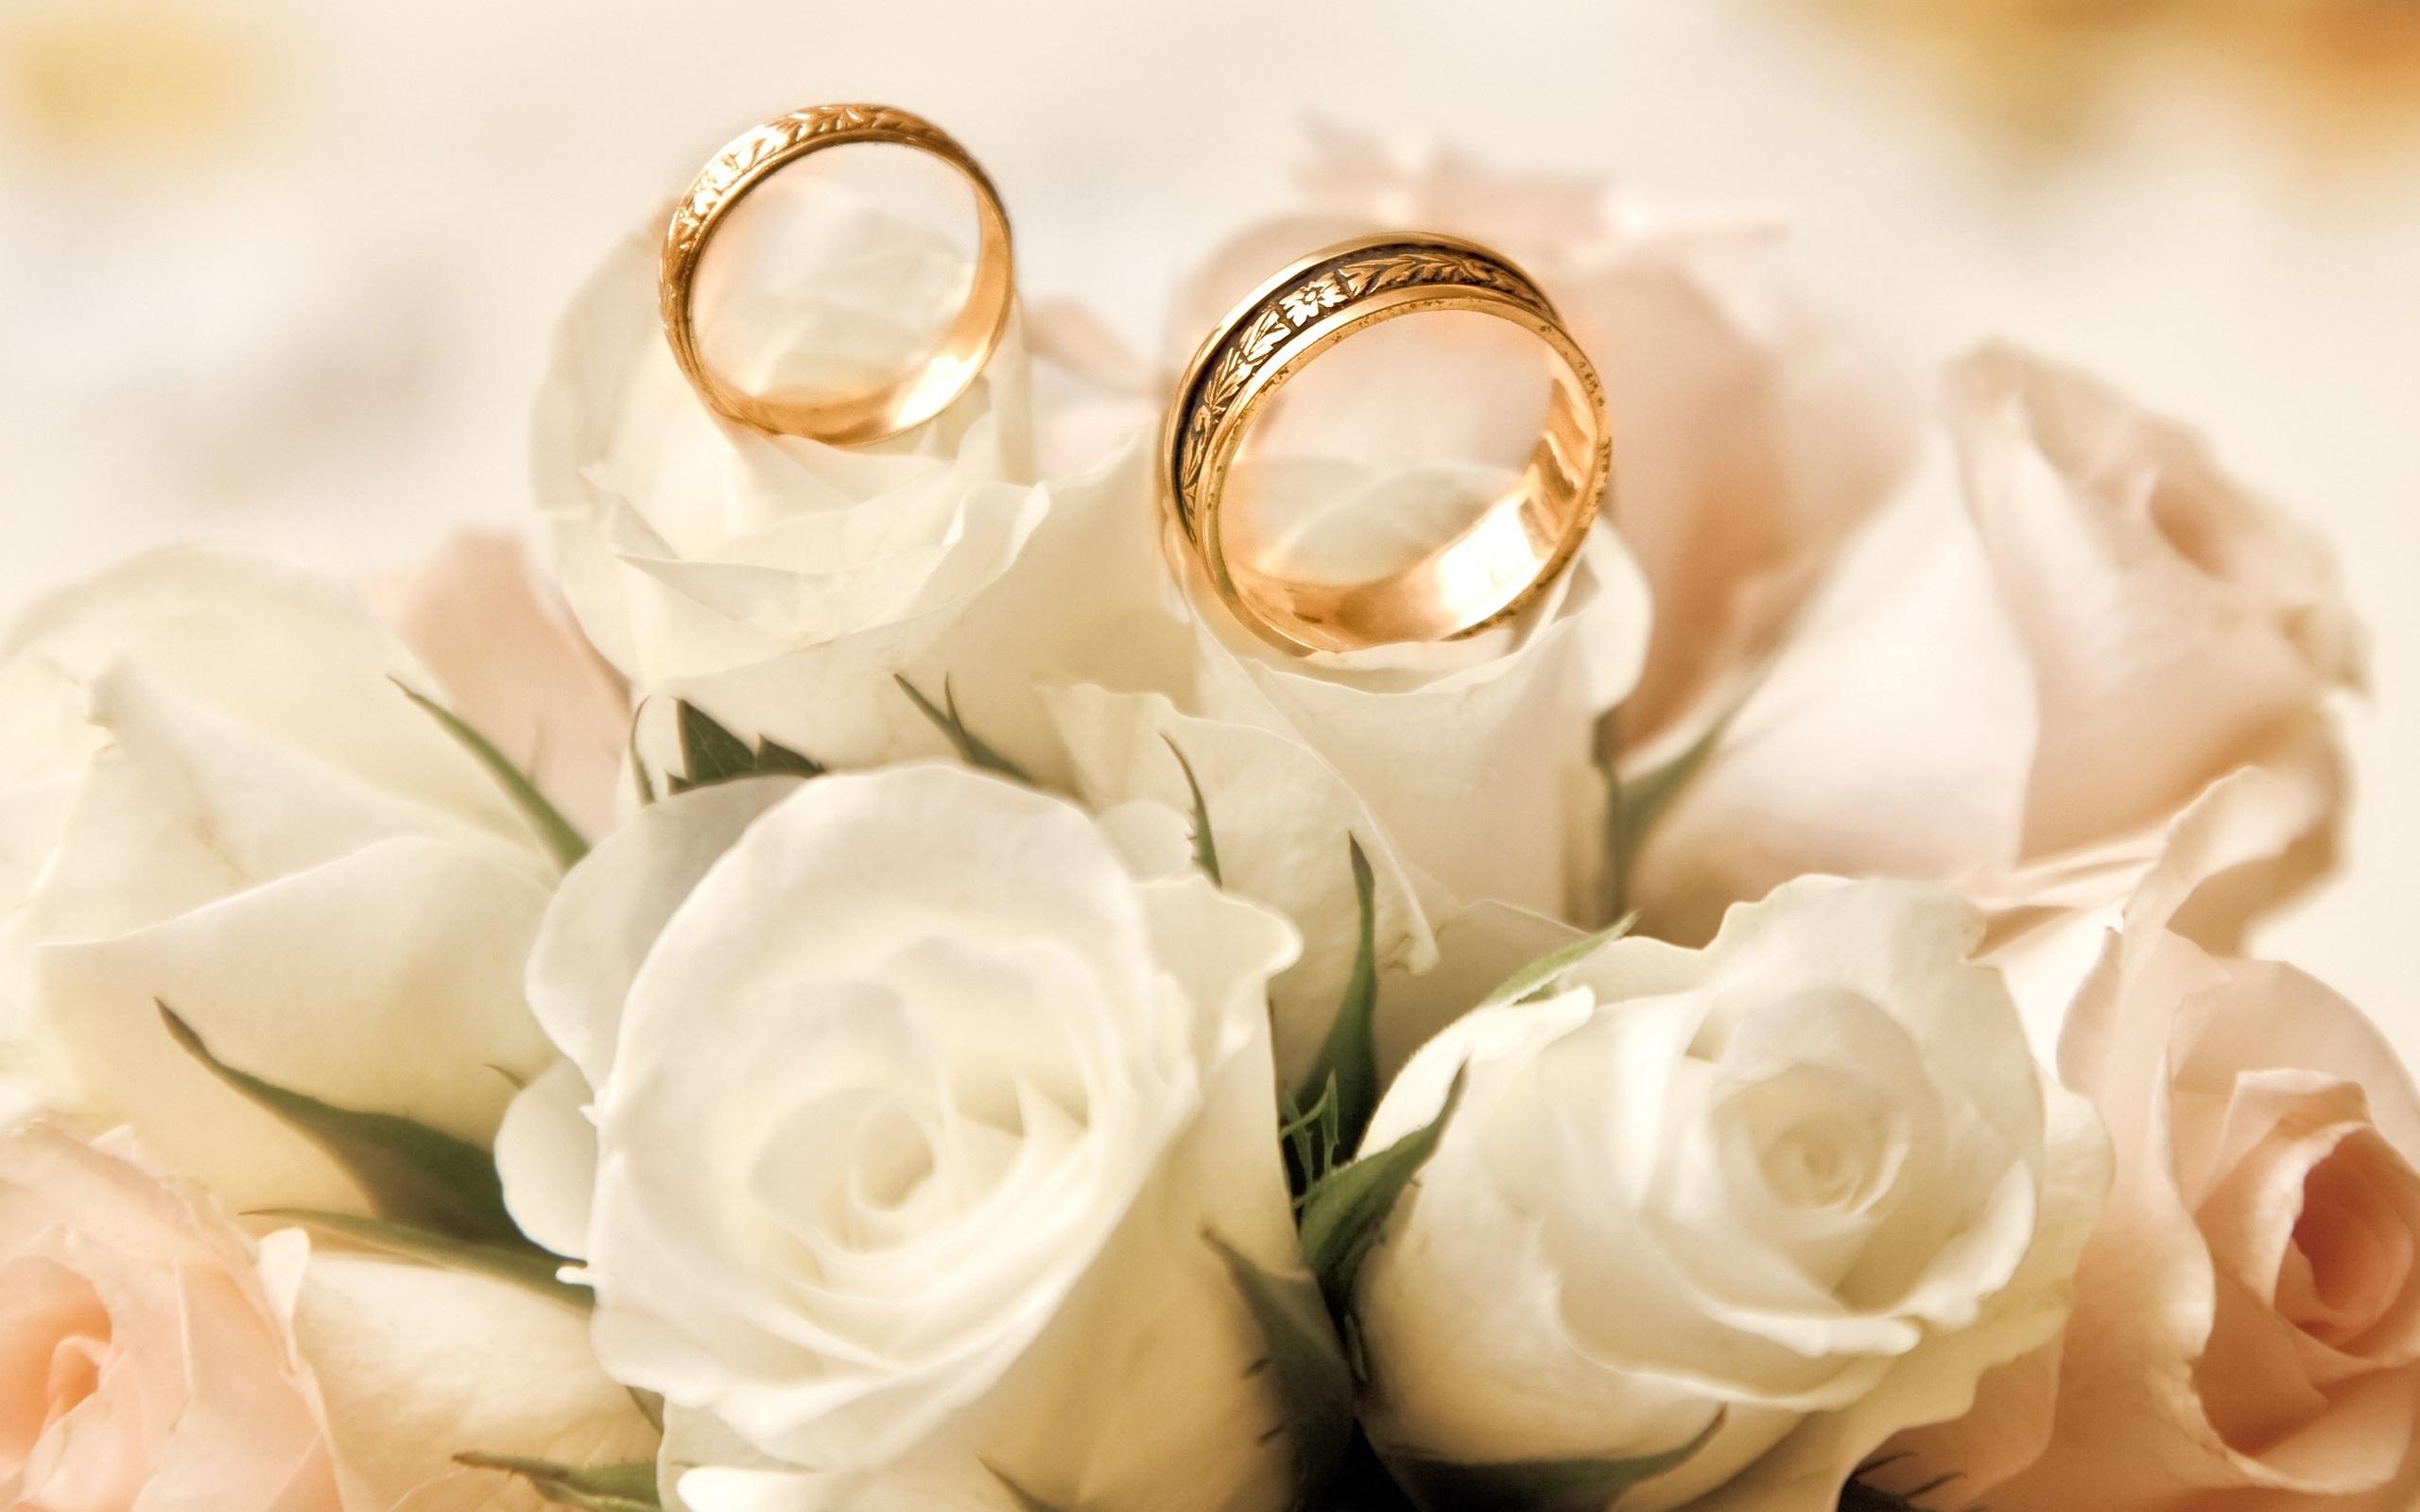 Fondos De Pantalla Anillos De Compromiso Rosas Flores Blancas